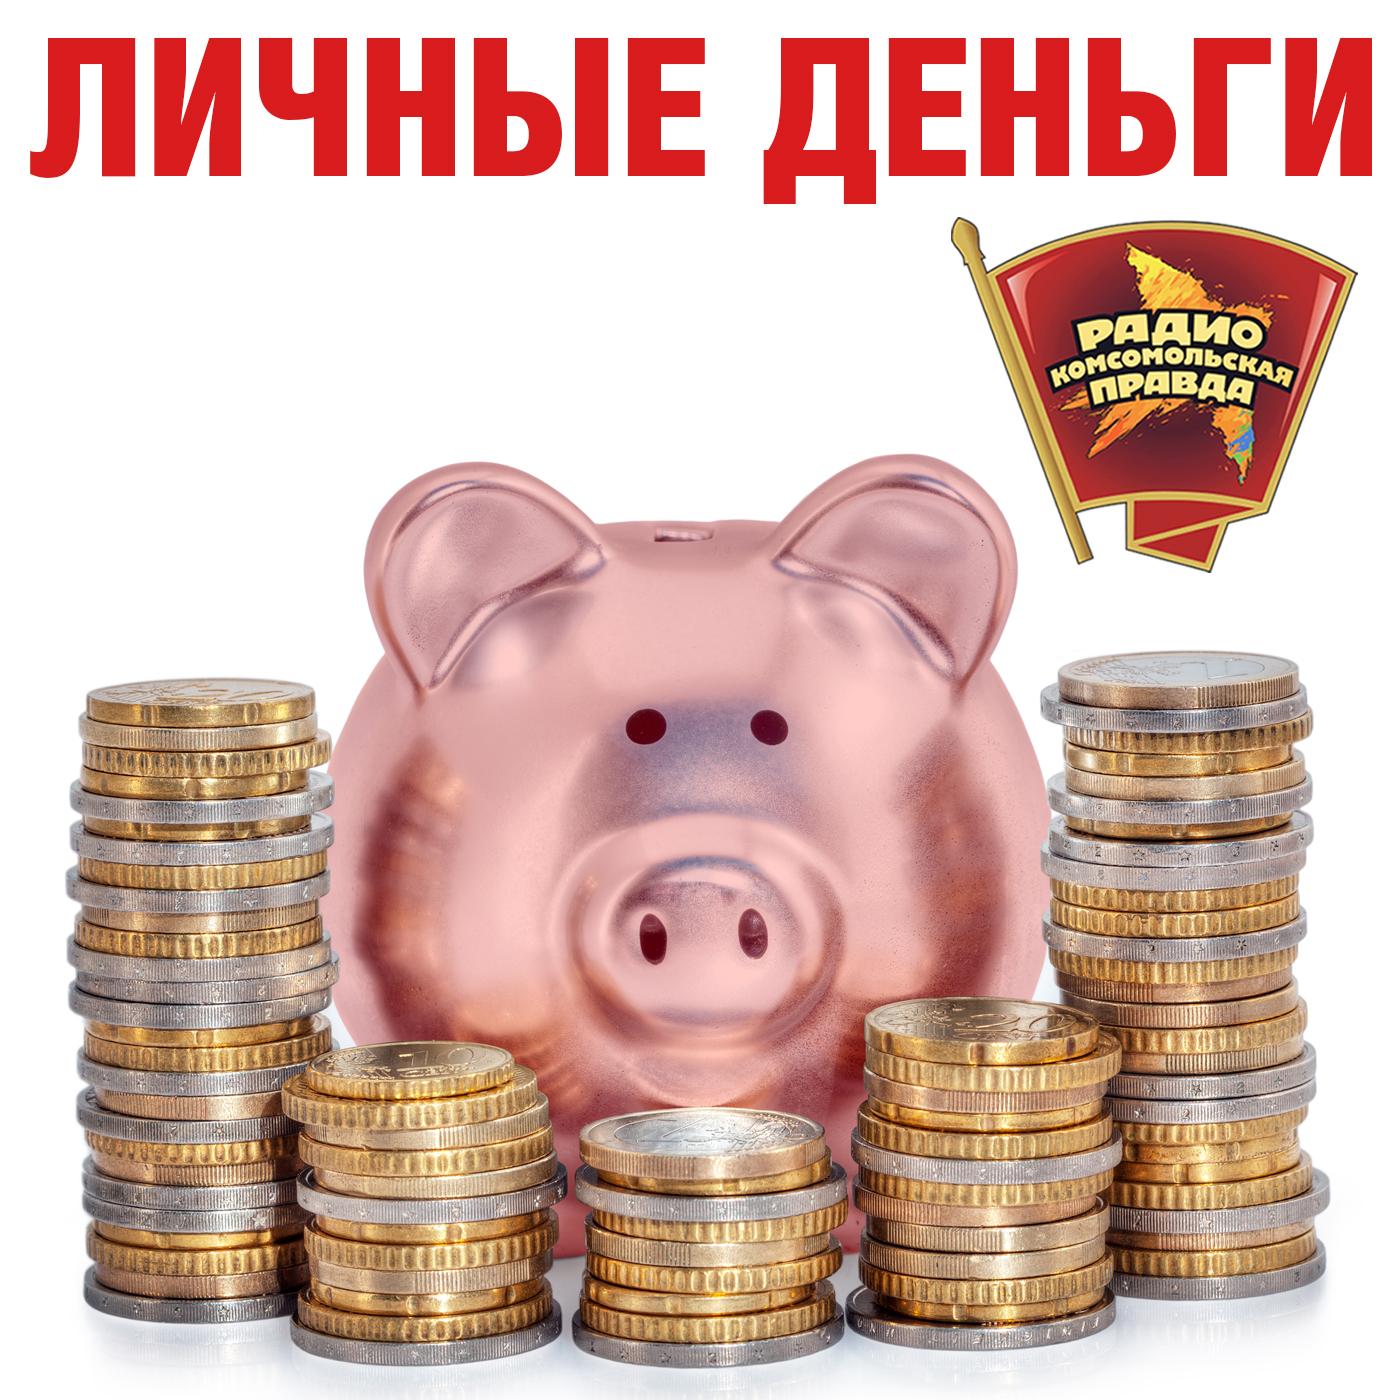 Личные деньги